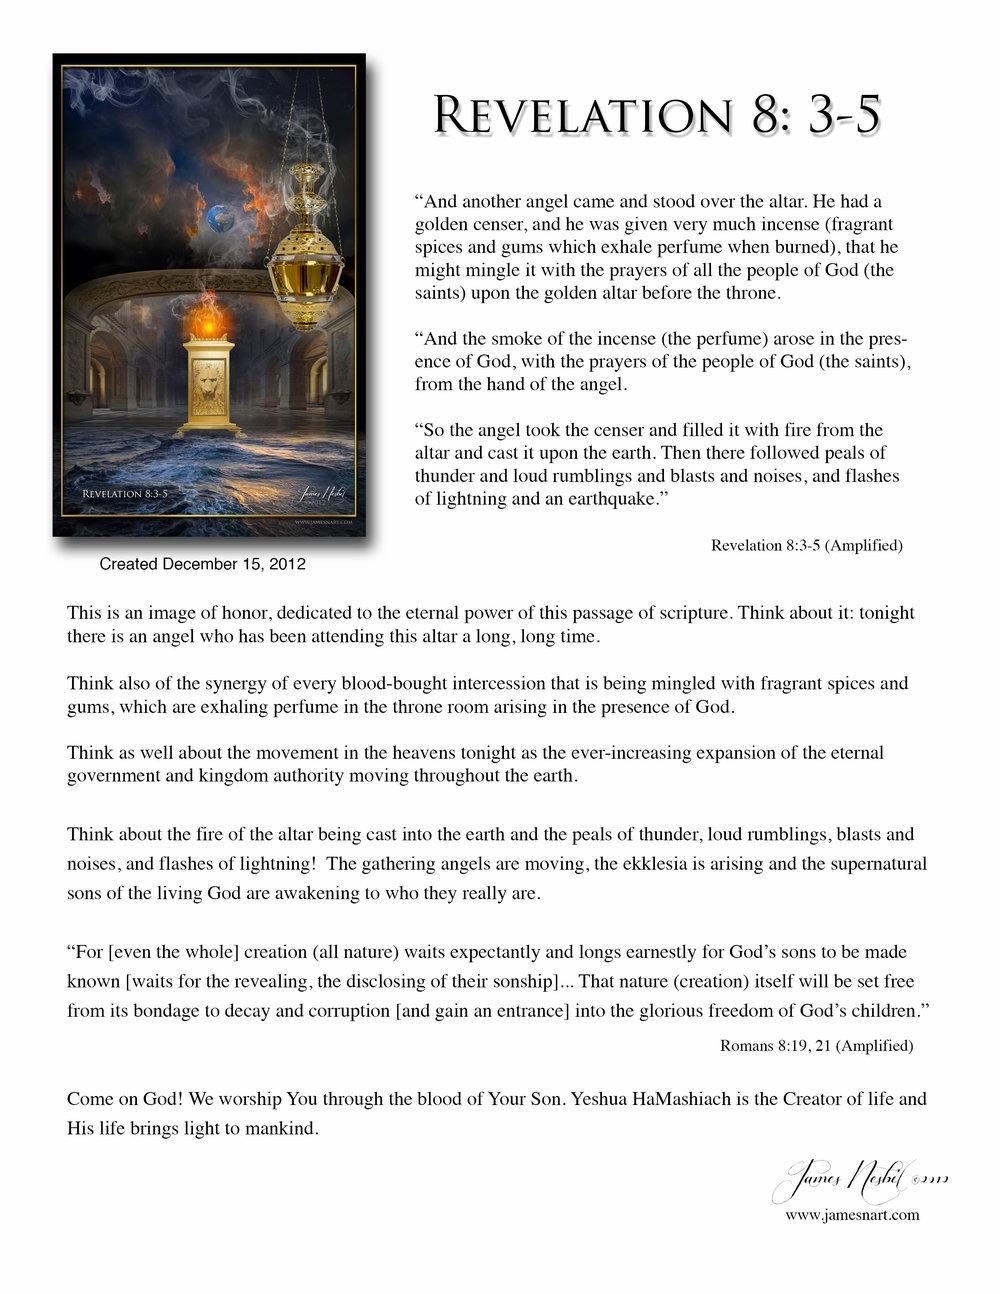 Revelation 8 Description.jpg